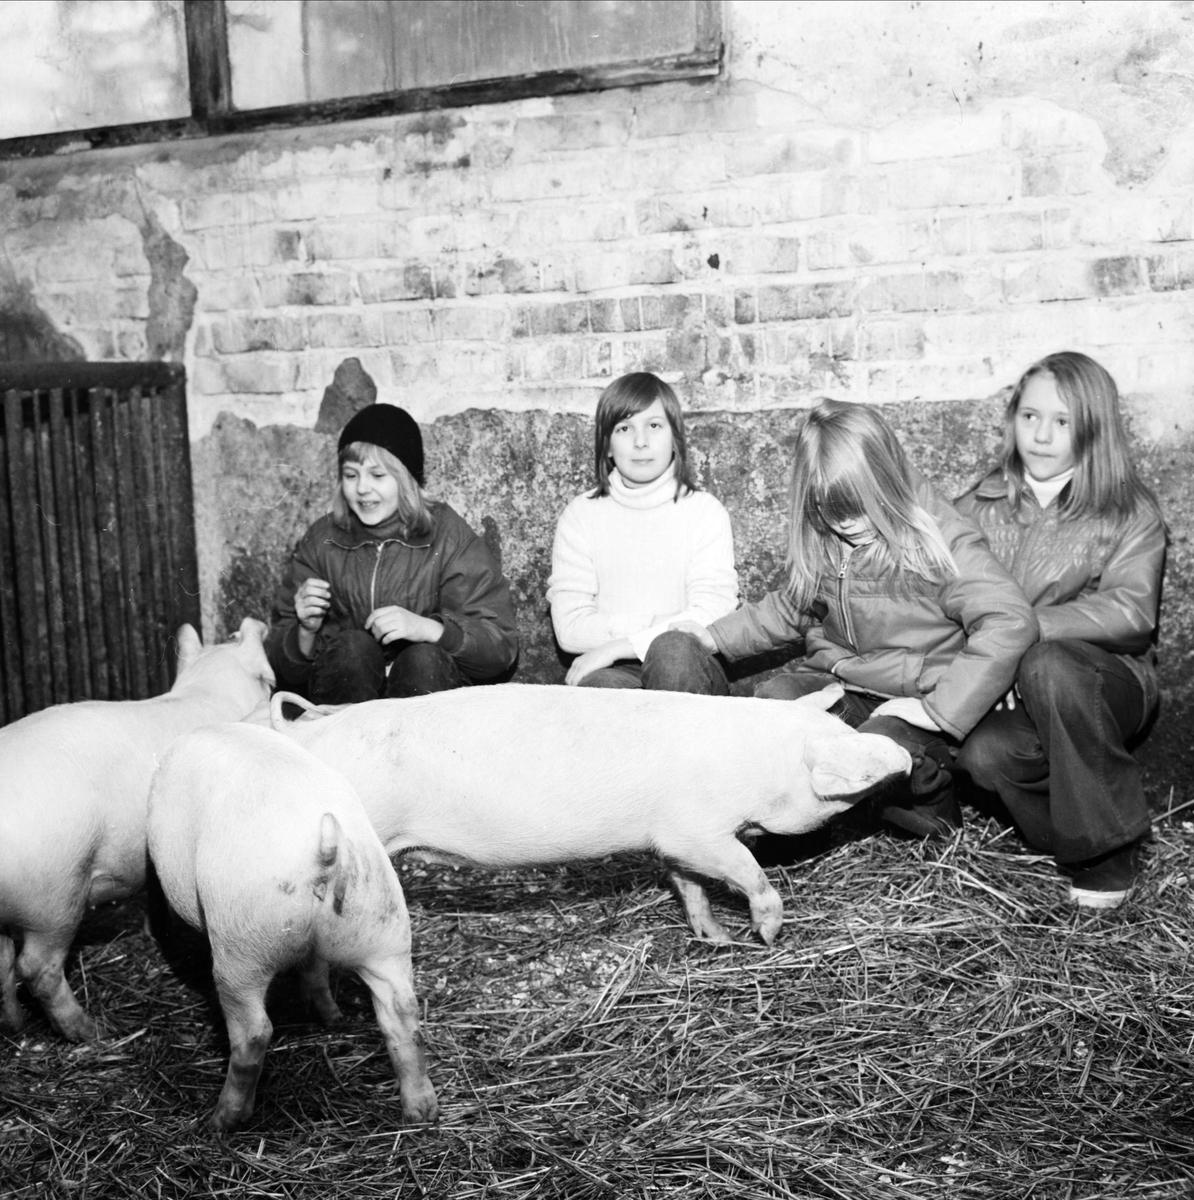 """""""Livet på landet, Tierpsgård lockar ungdom"""", Tierp, Uppland februari 1973"""